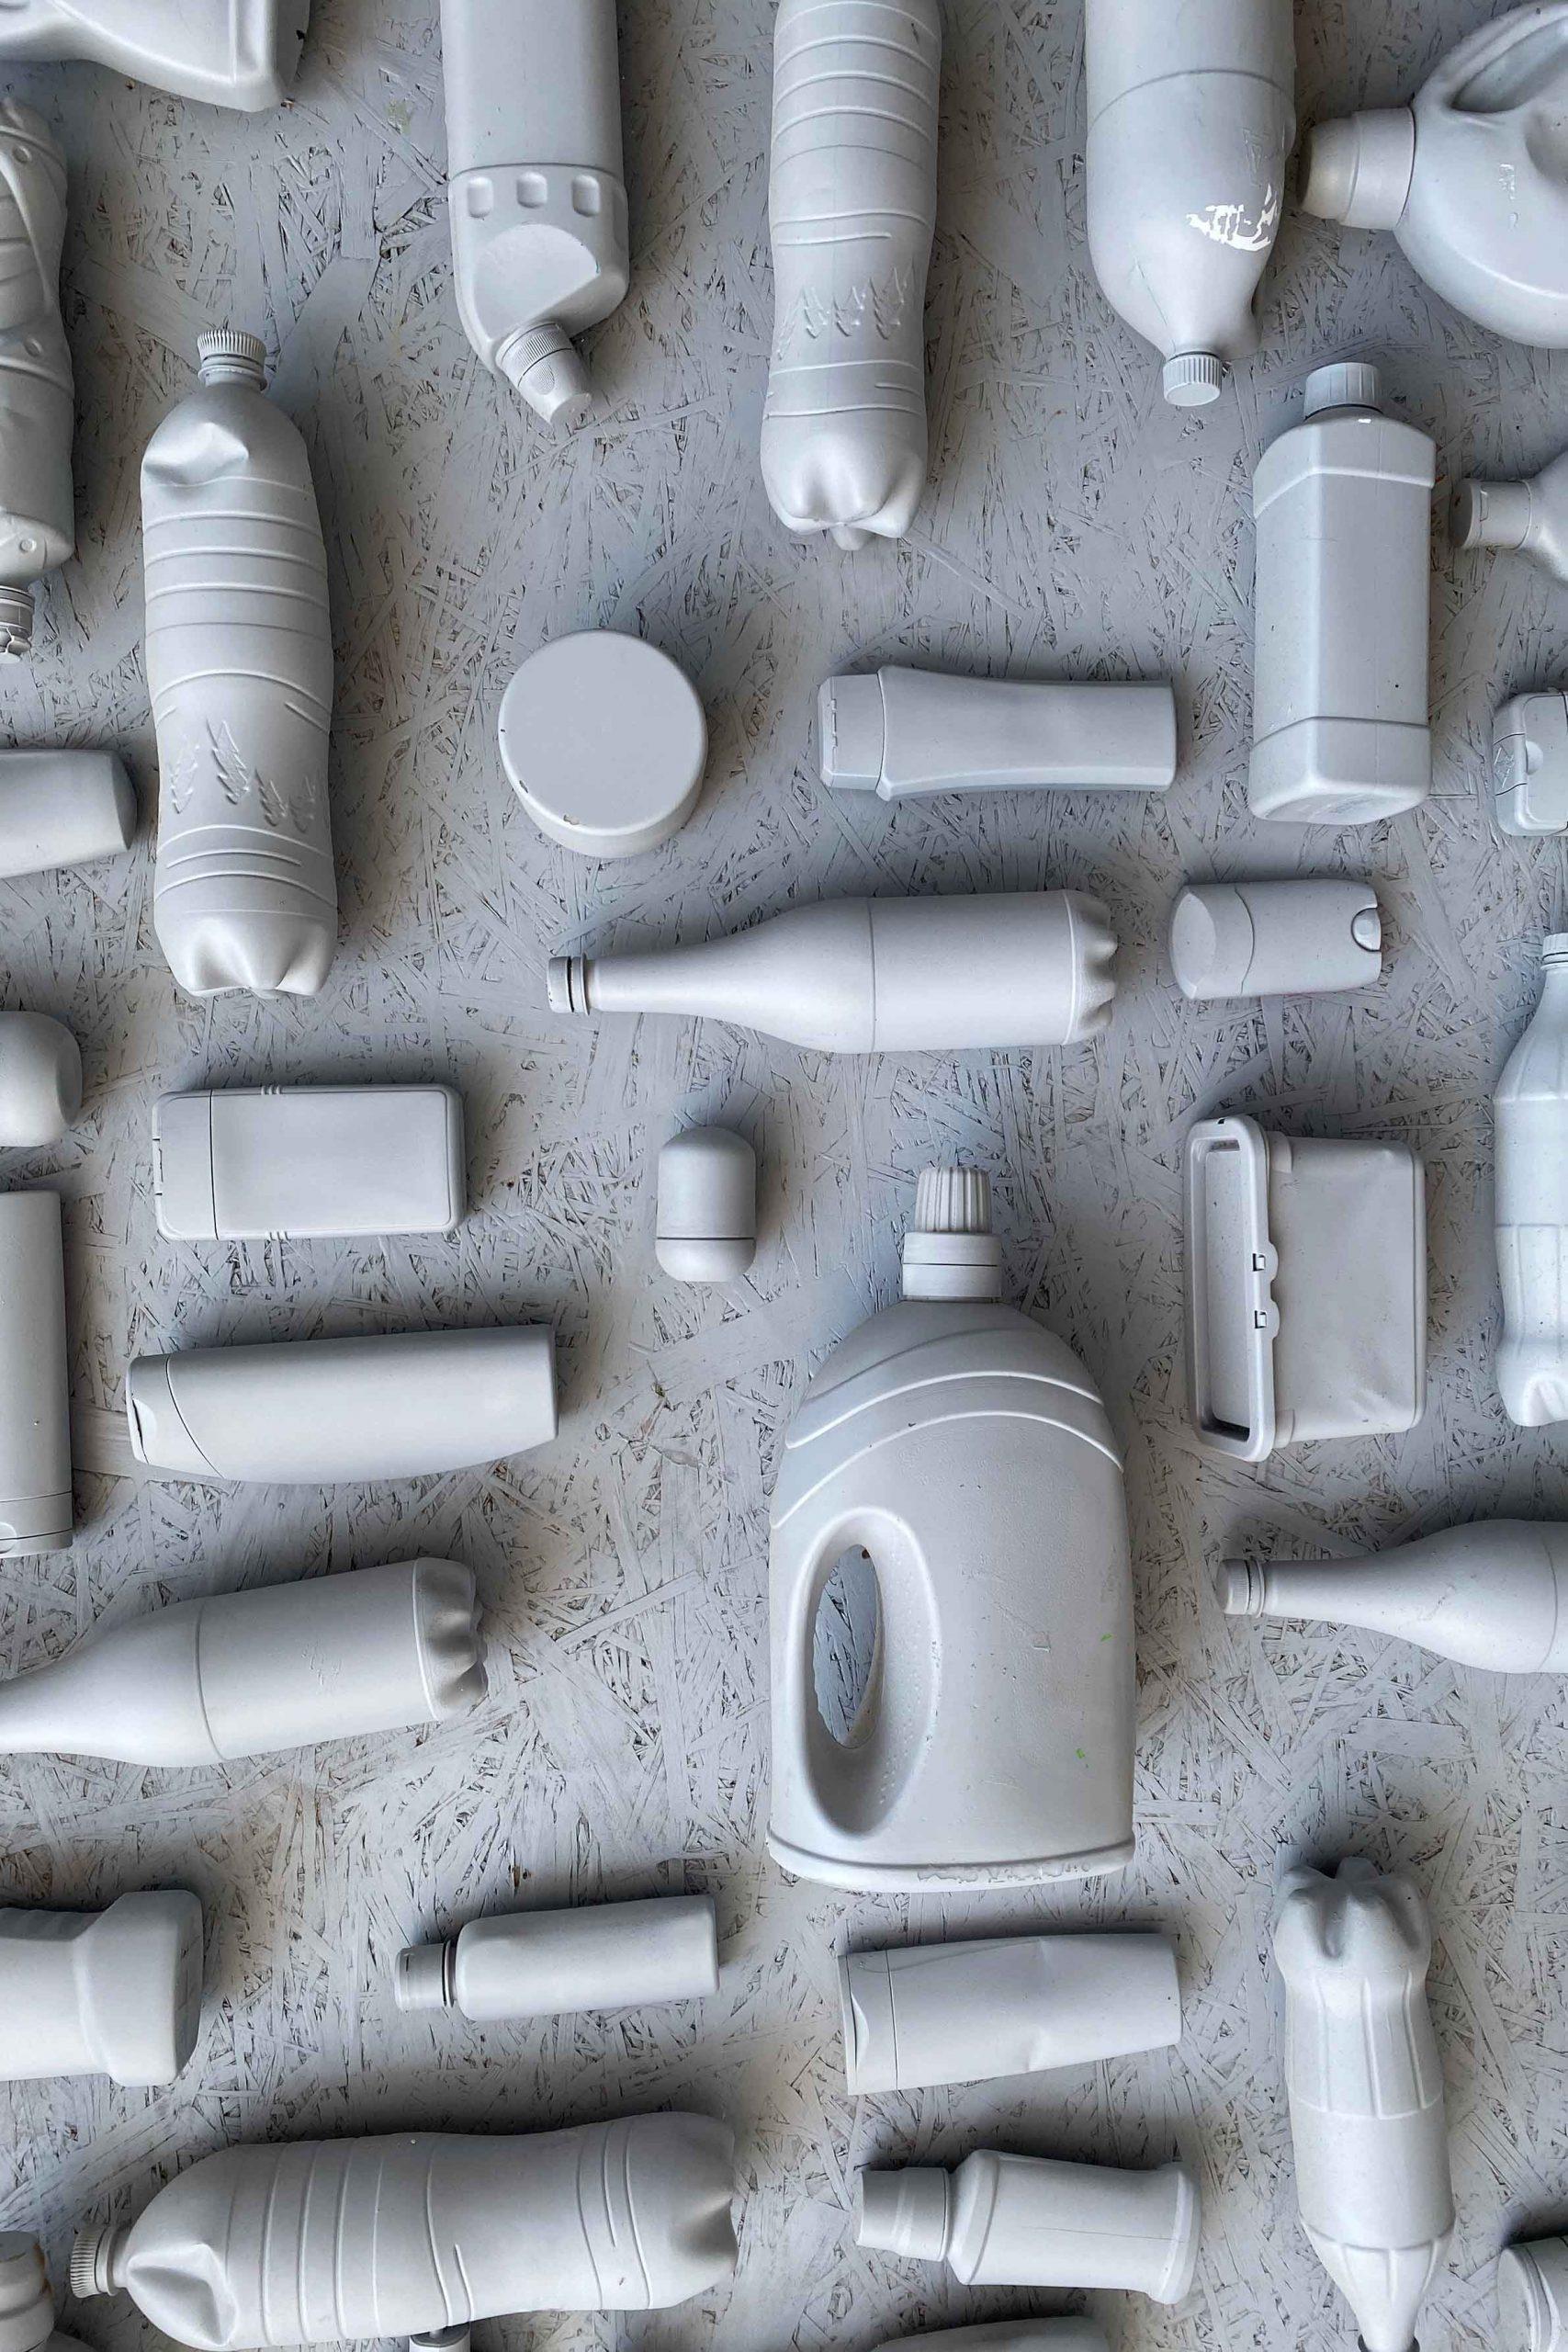 plastic bottles - RS